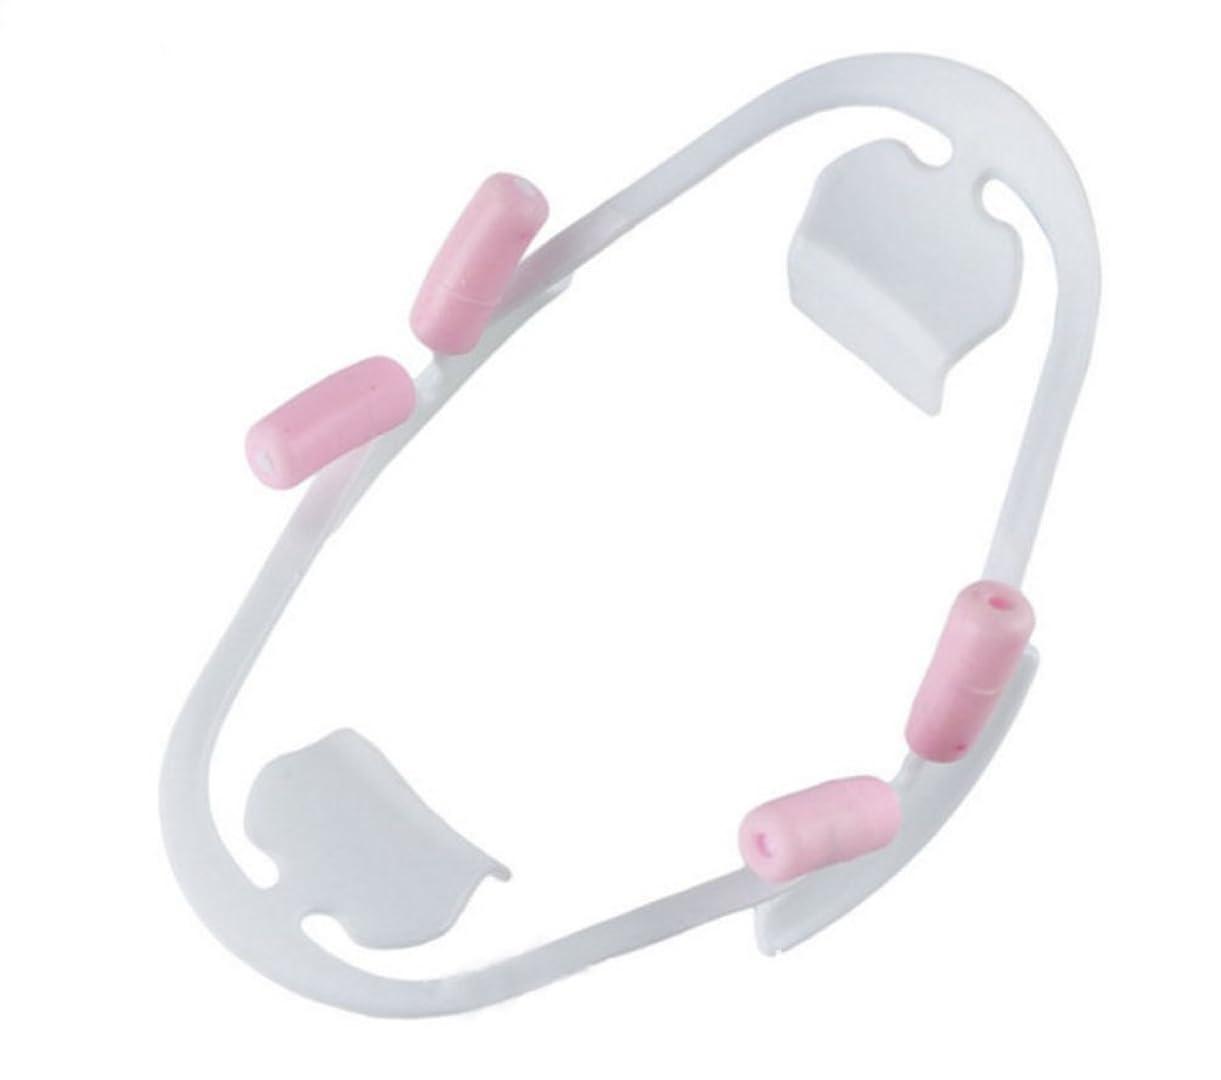 三角消す肌diconna 歯科開口器 3D マウスオープナー 開口器 1個 業務用